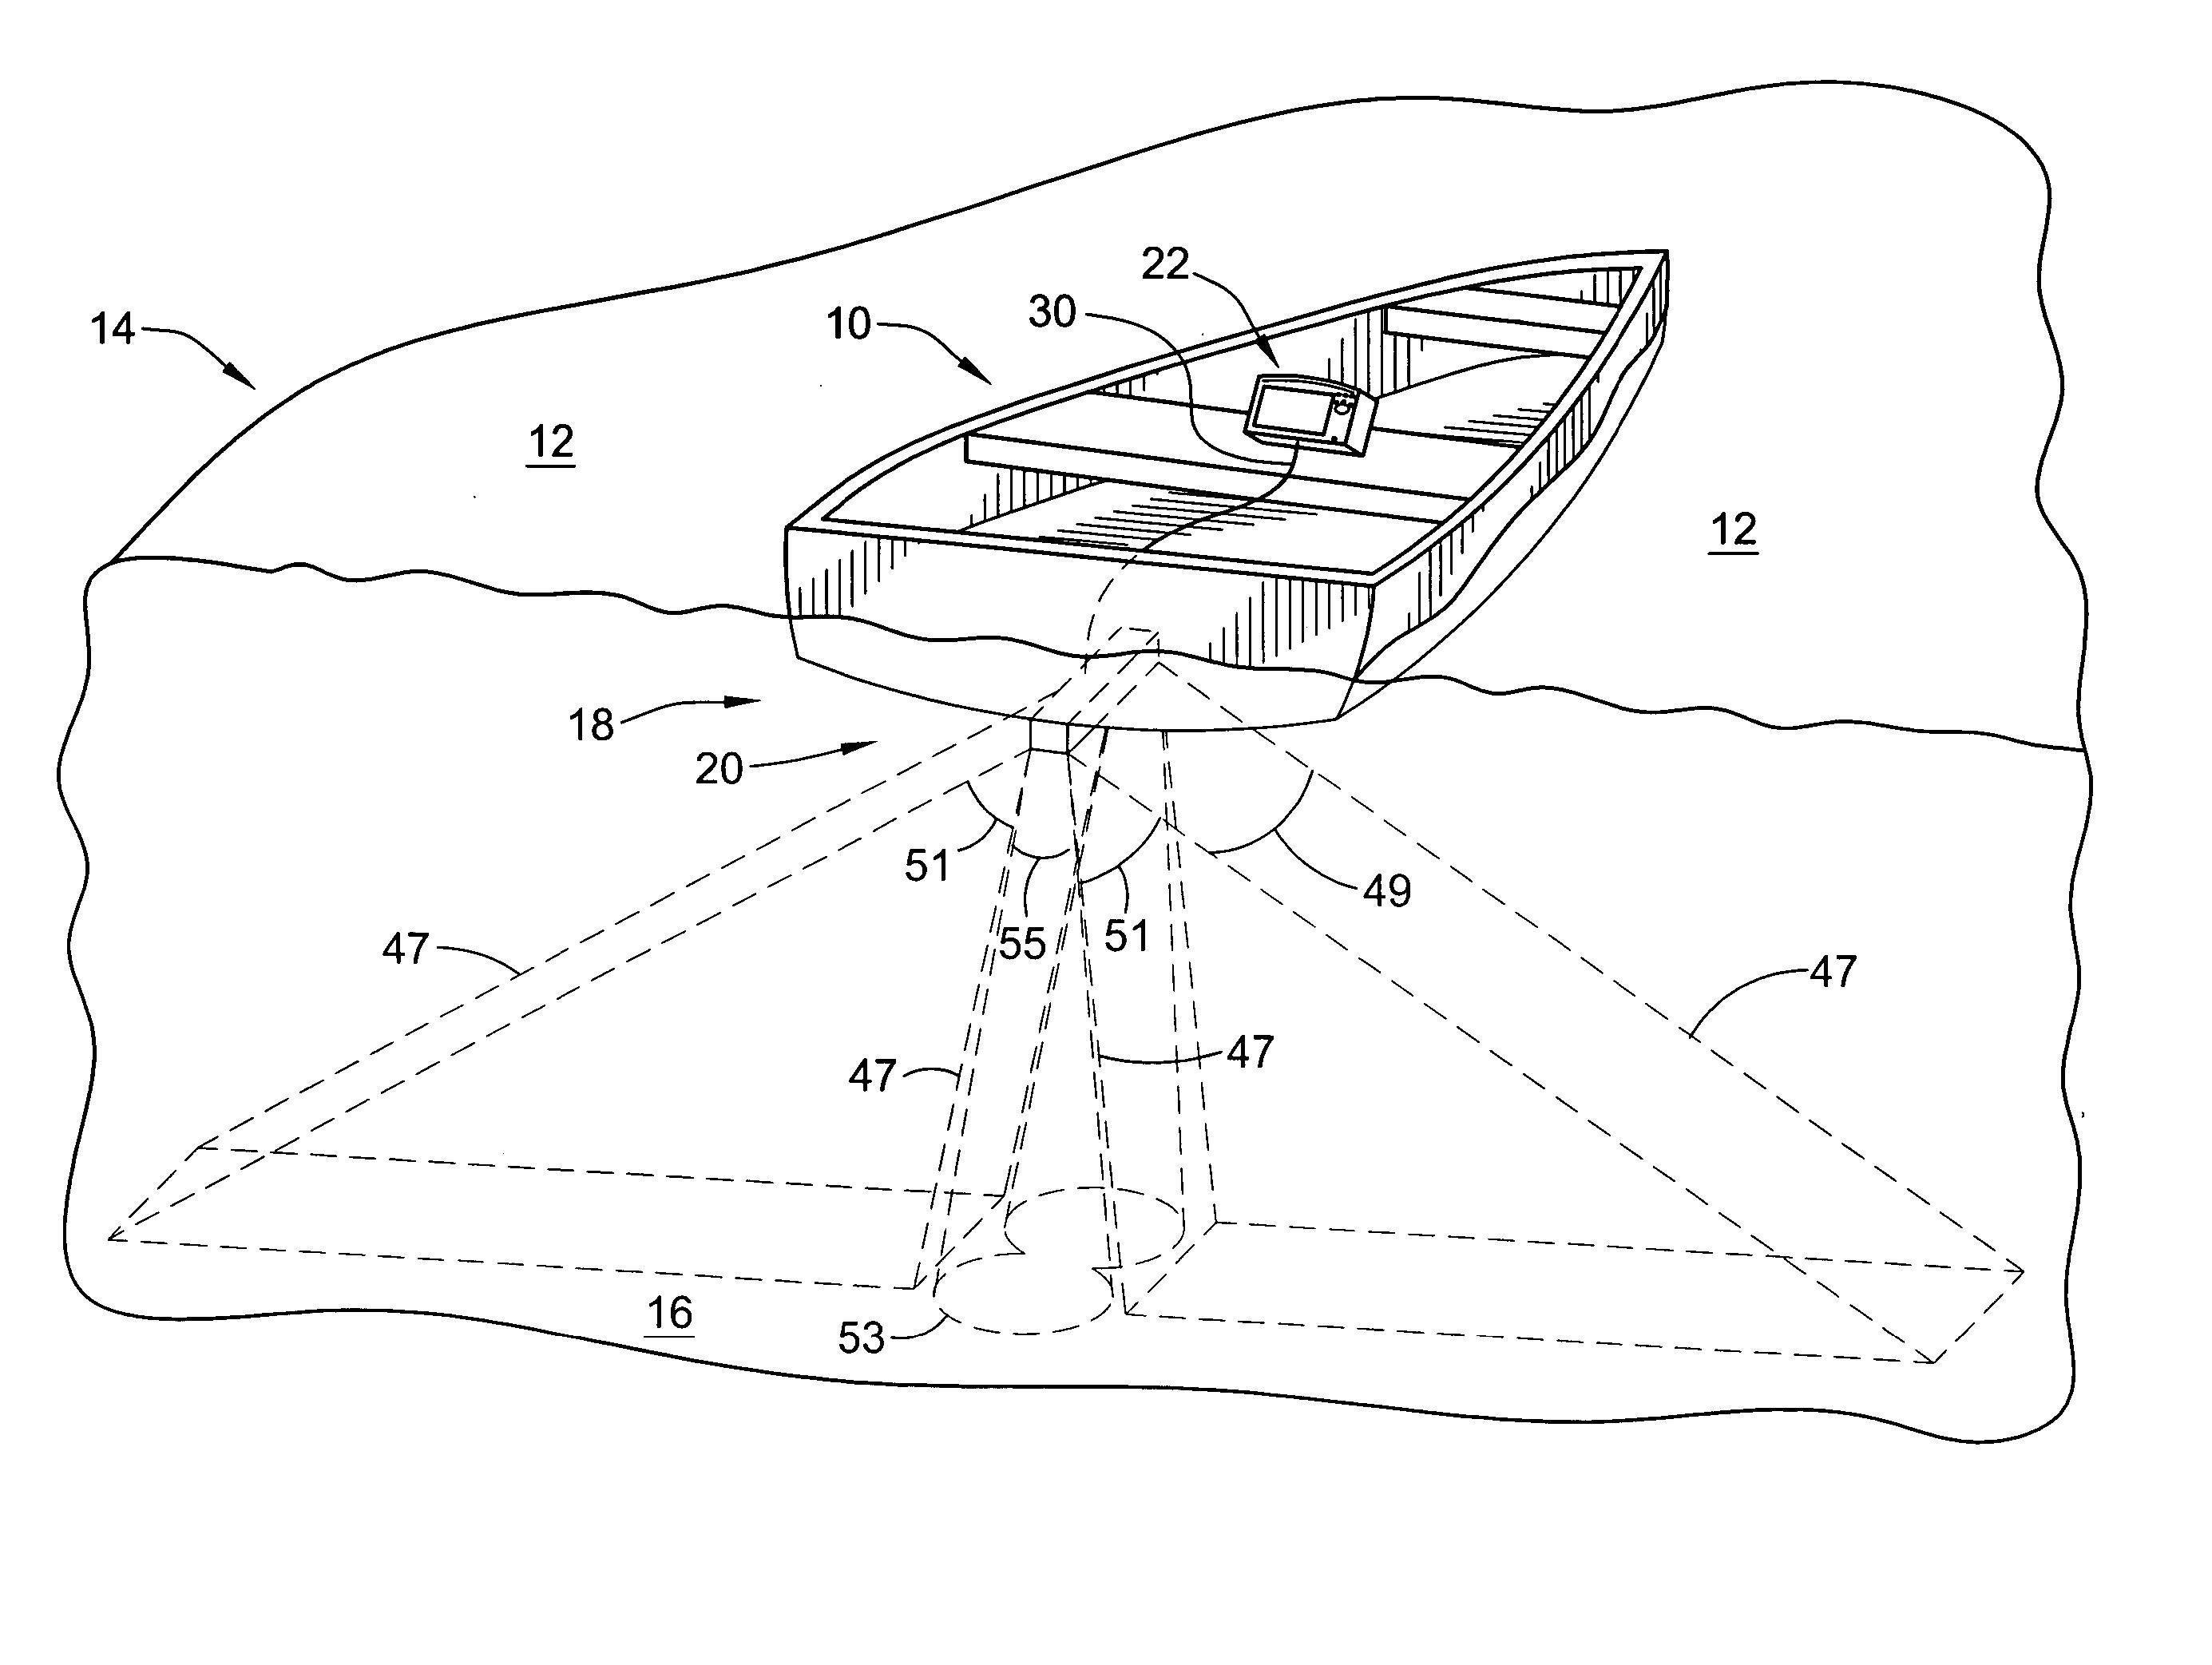 sonar transducer wiring diagram for sonar wiring diagram free